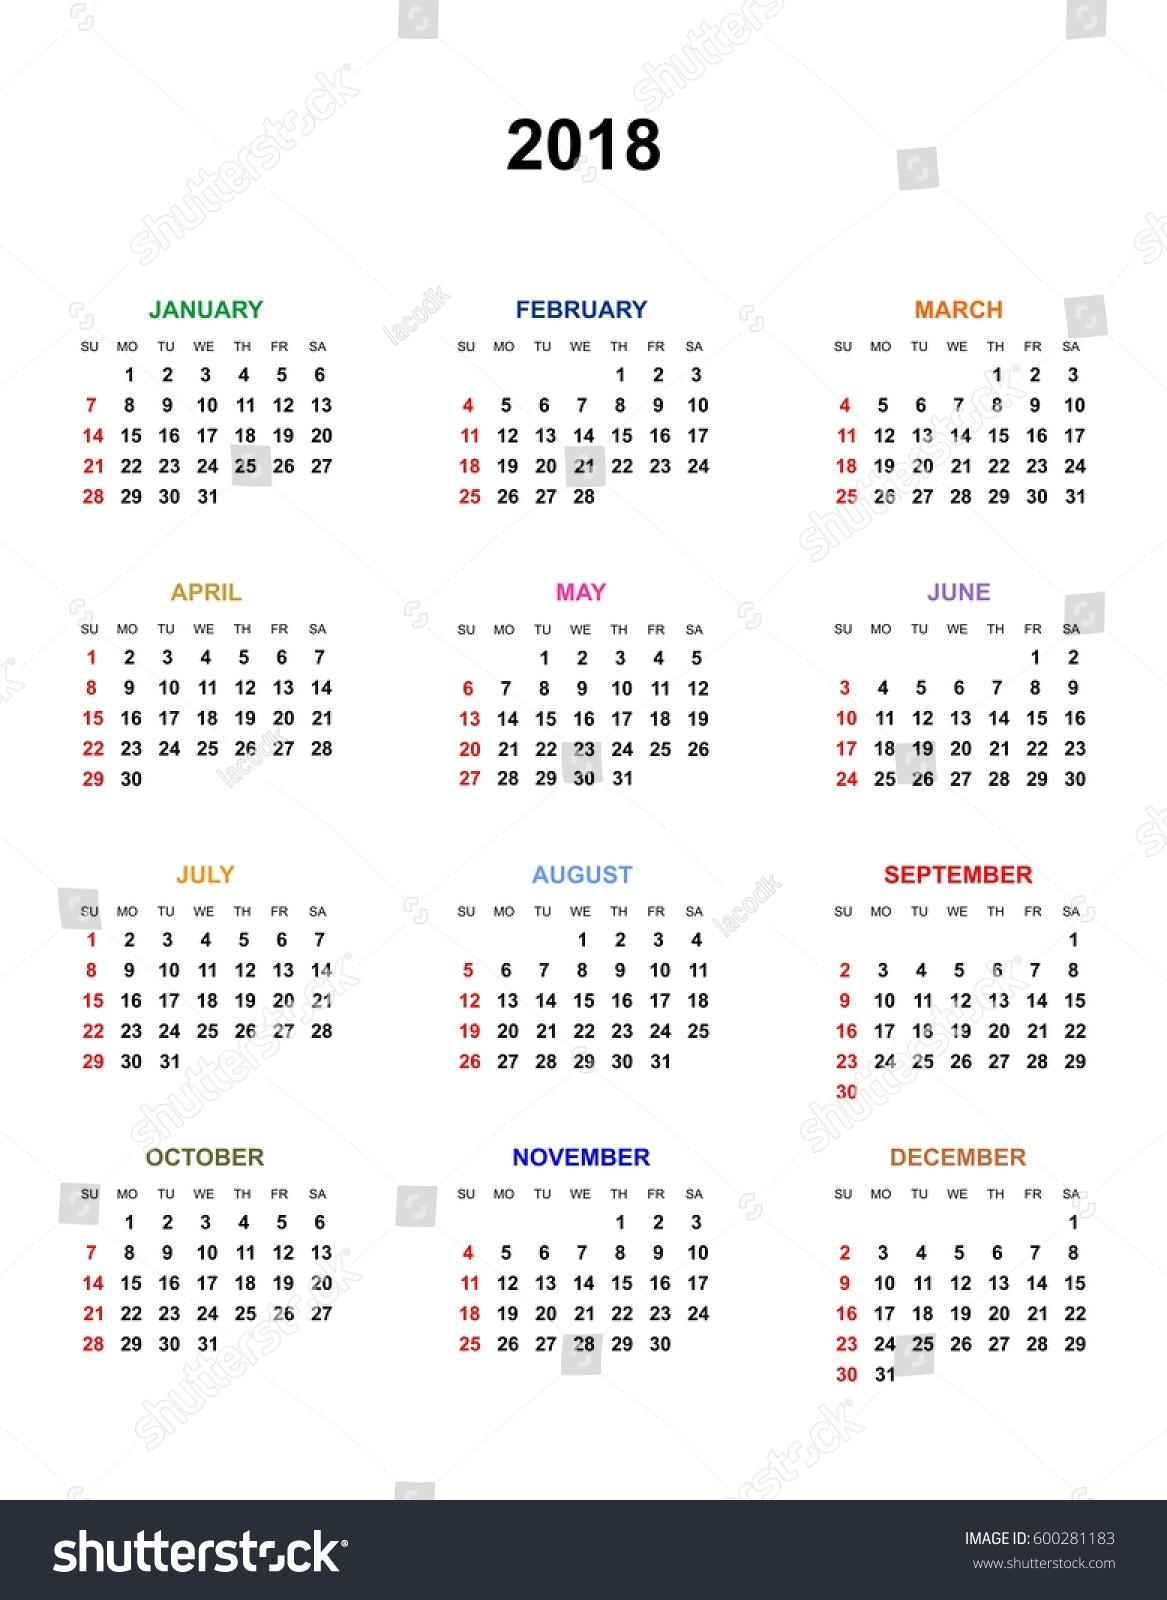 Calendar Year Names : Simple color calendar year names stock vector